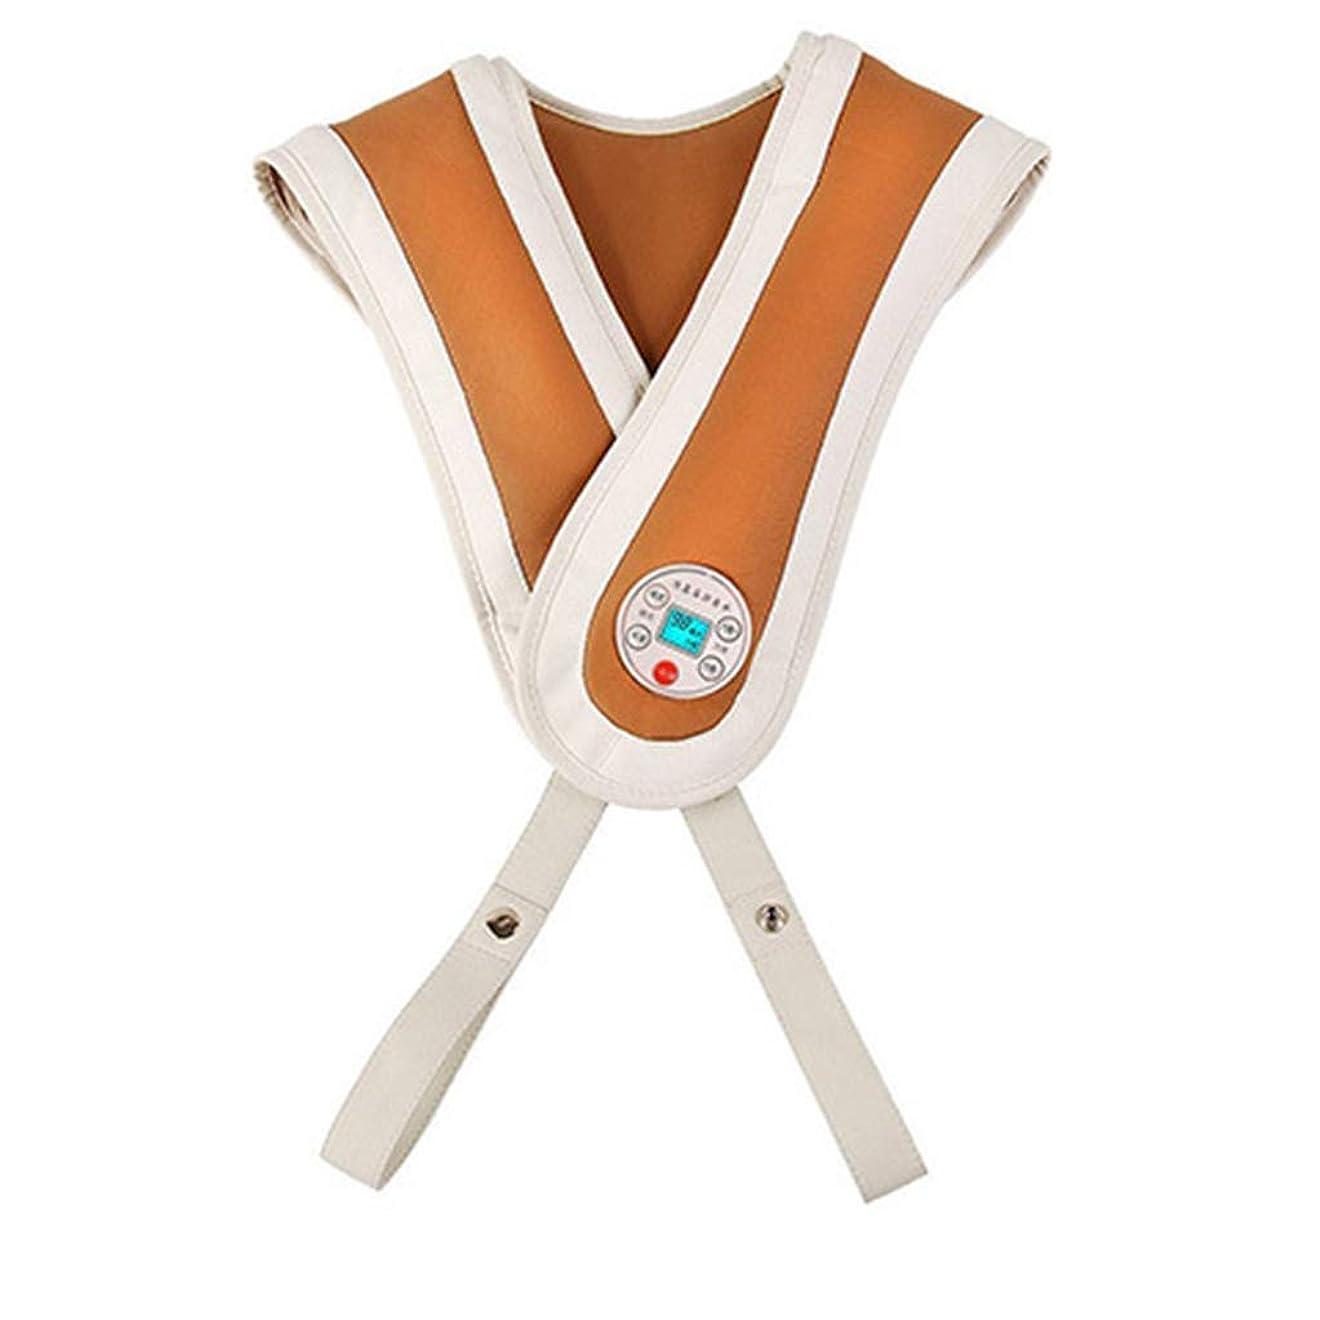 望まない愛くるくるインテリジェント 首の肩の背中のマッサージャー筋肉体の痛みを和らげるための熱と深部組織みマッサージを備えた電気マッサージリラックス 贈り物